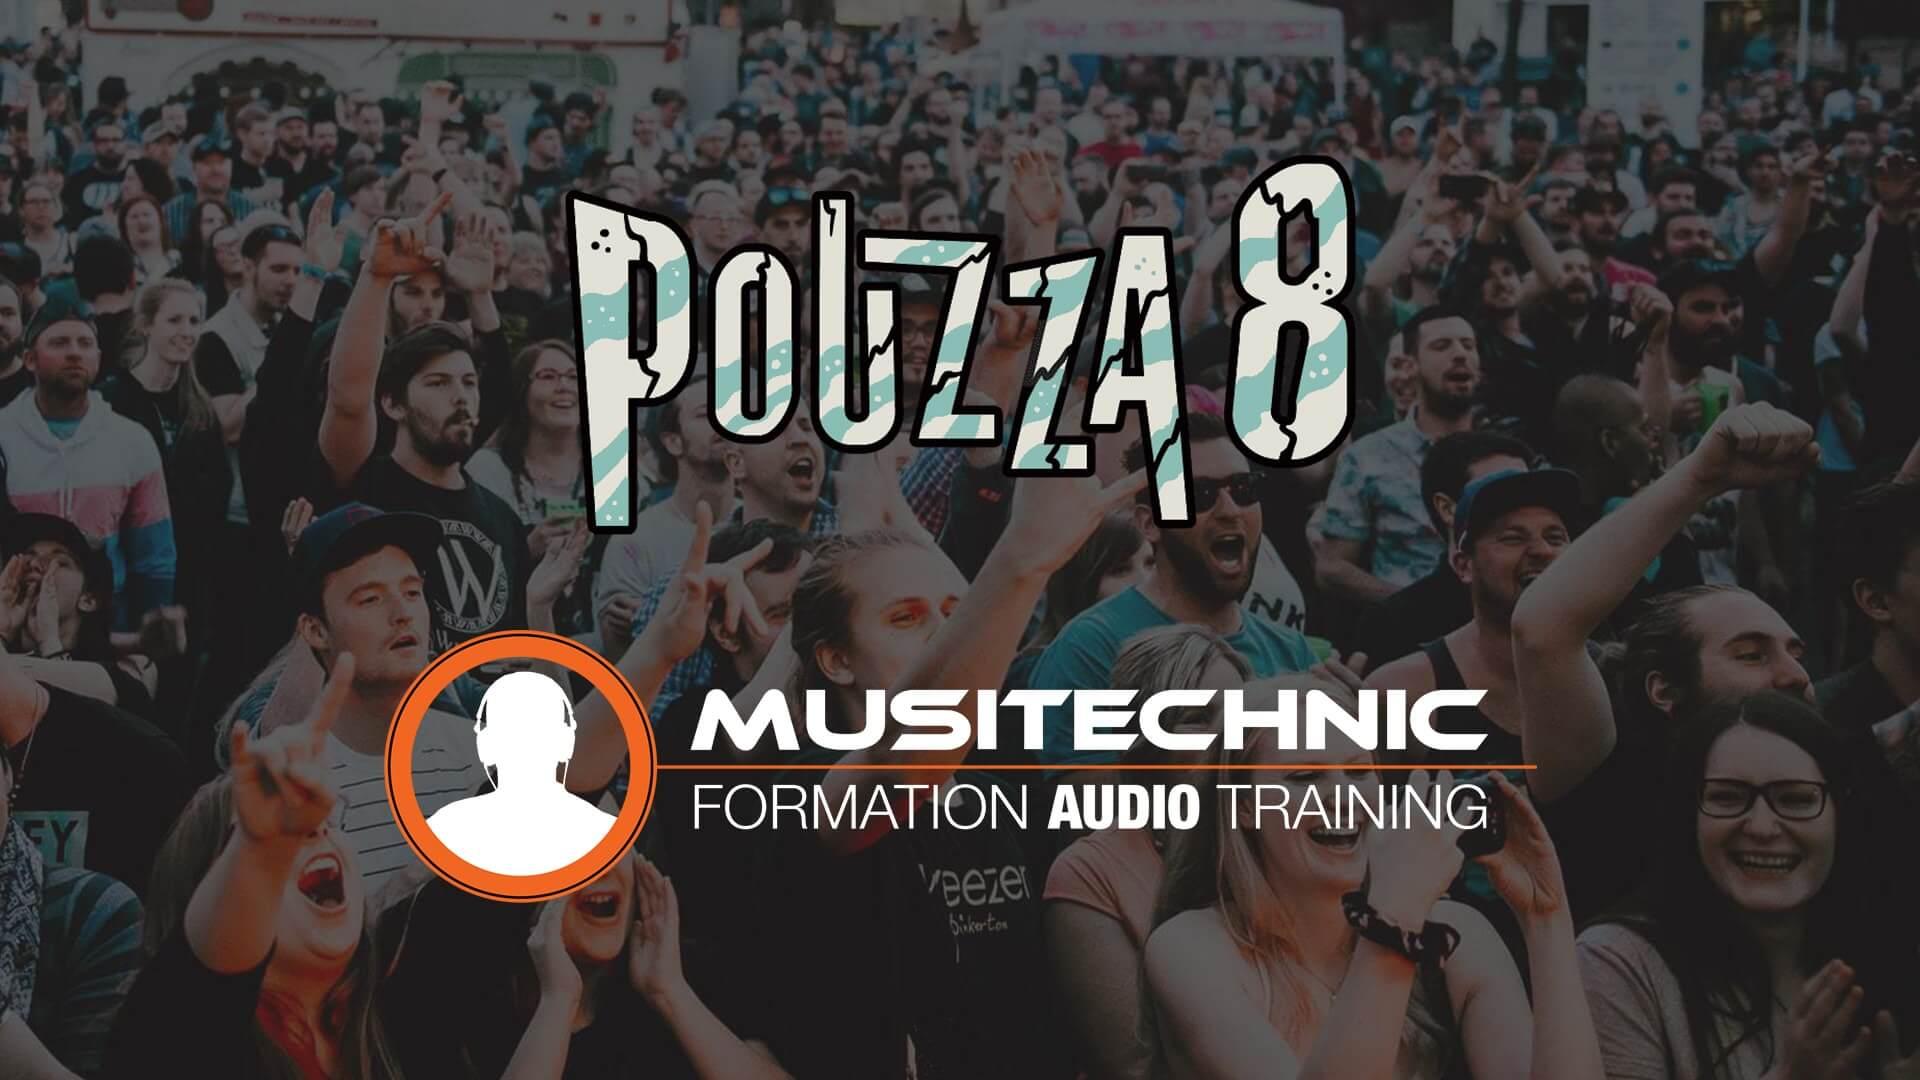 Musitechnic au Pouzza Fest : un partenariat gagnant !